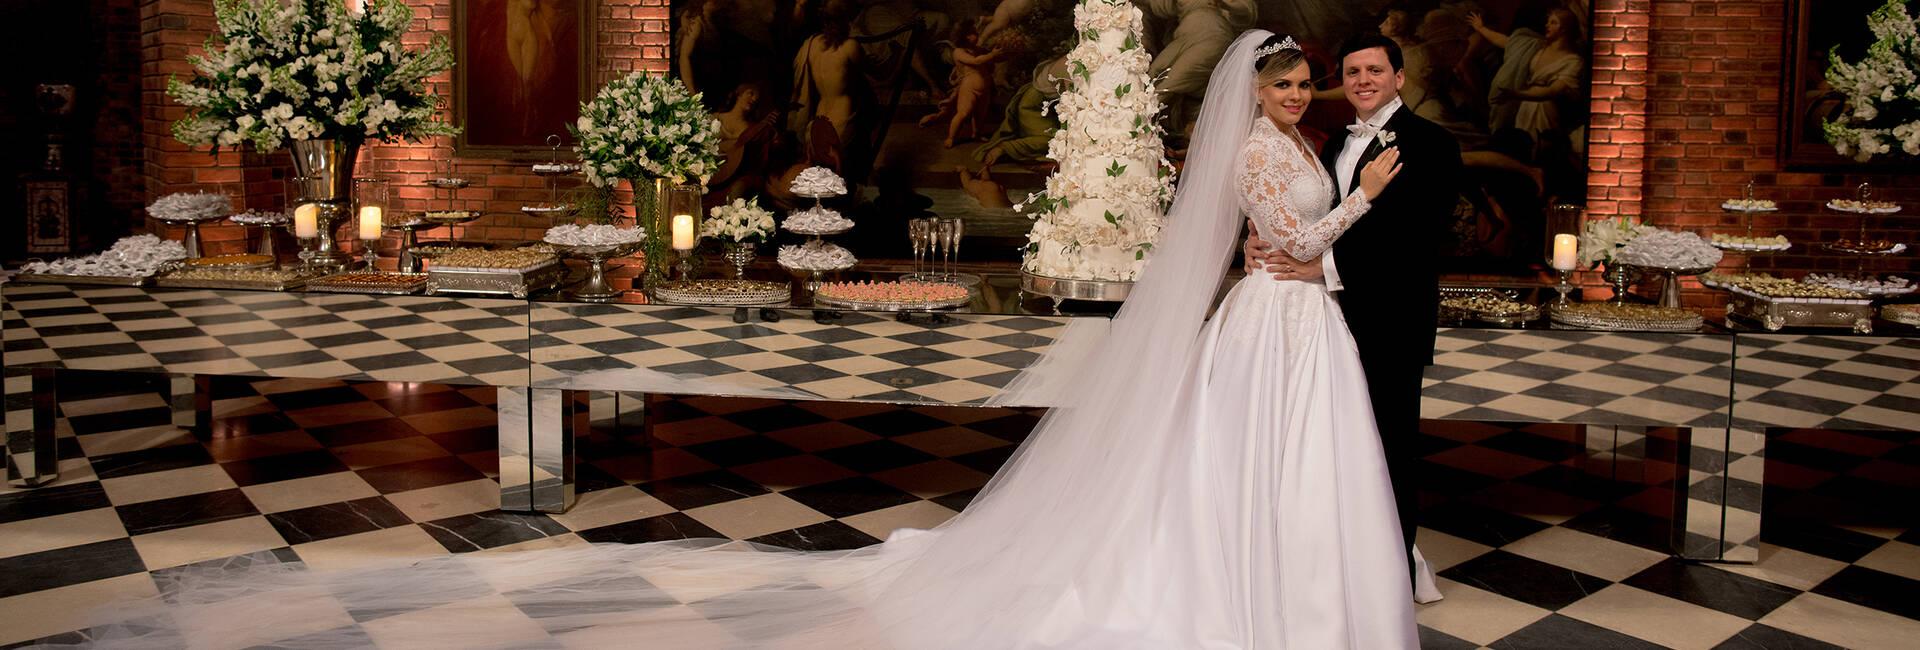 Casamento de Narayna & Rafael